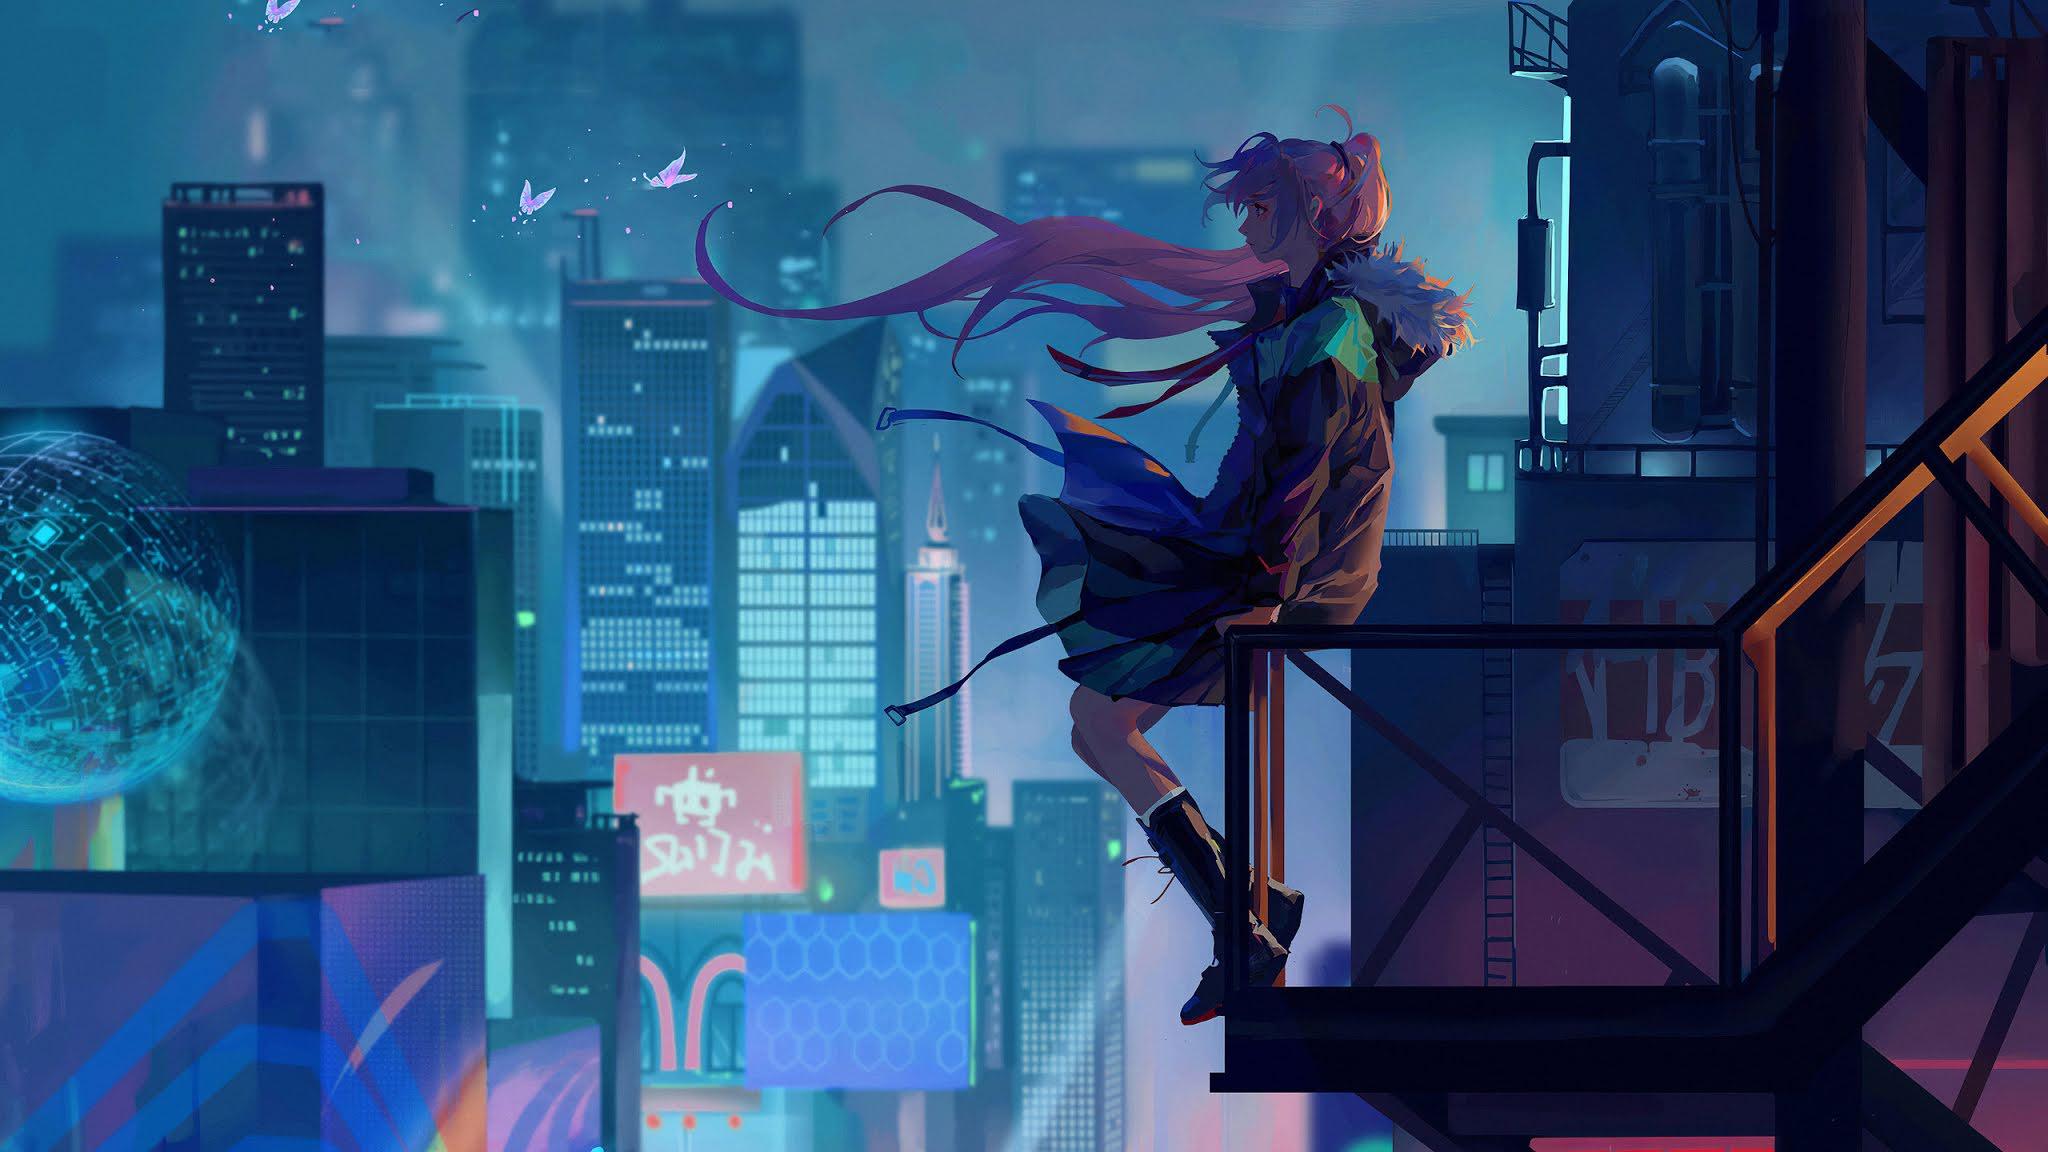 City Anime Girl Alone 4k Wallpaper